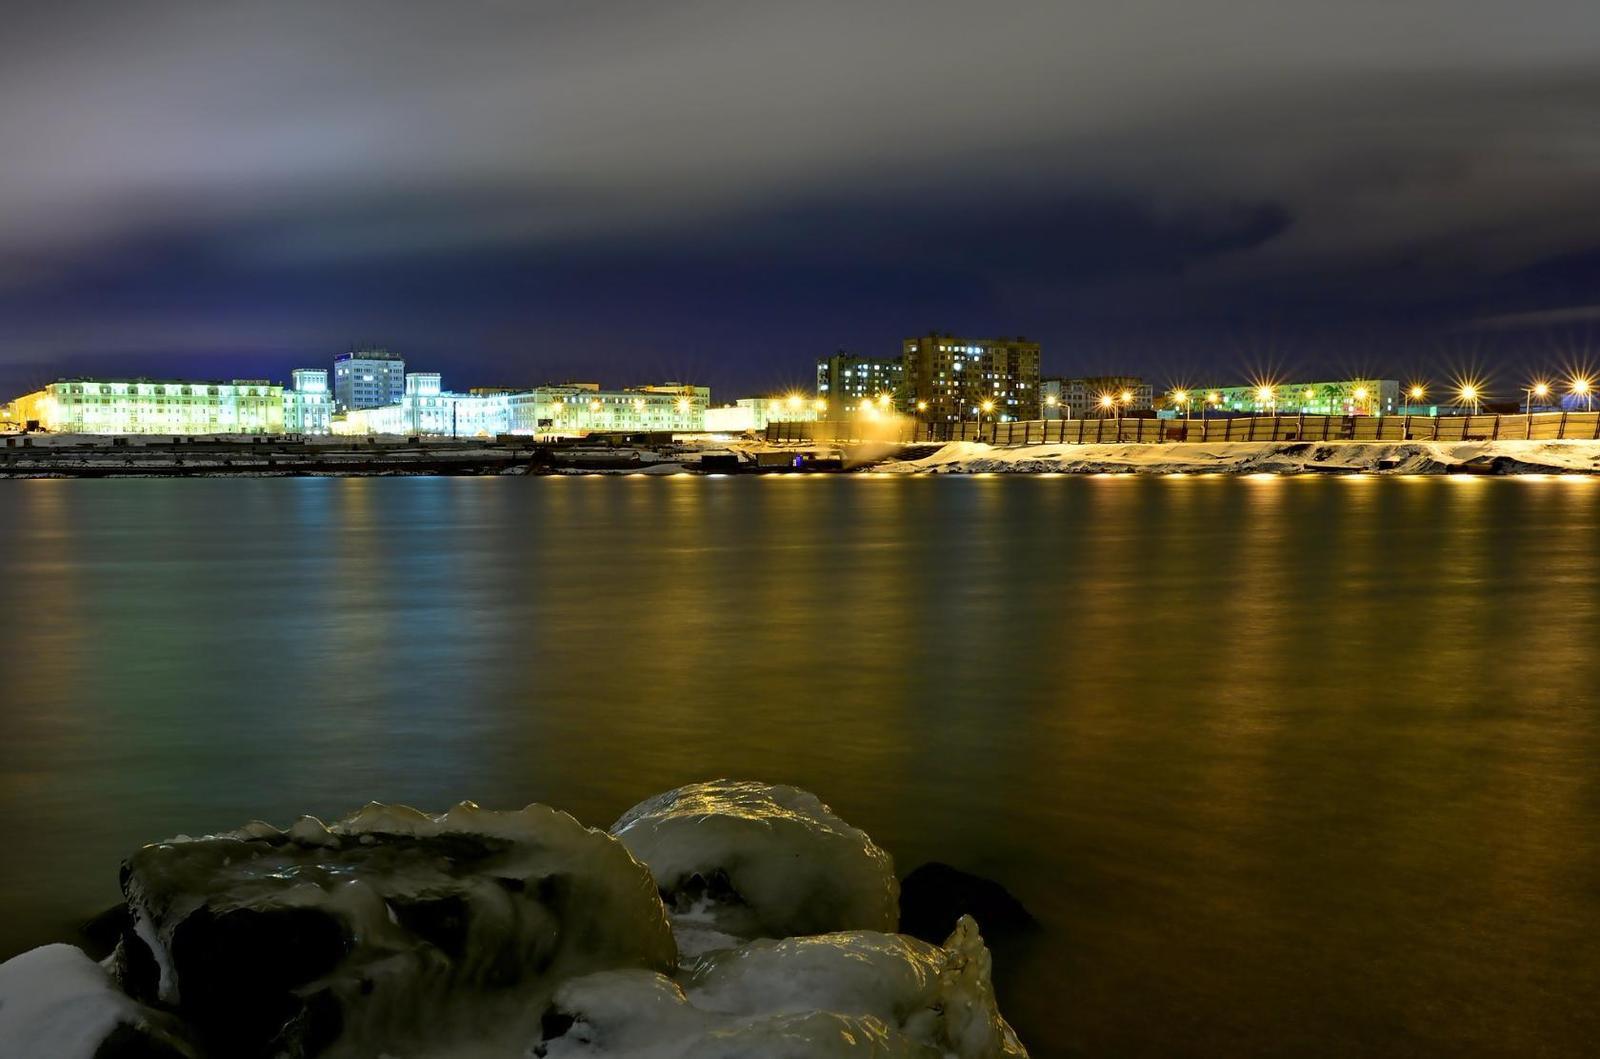 Кокс Цена  Соликамск Xtc bot telegram Ленинск-Кузнецкий